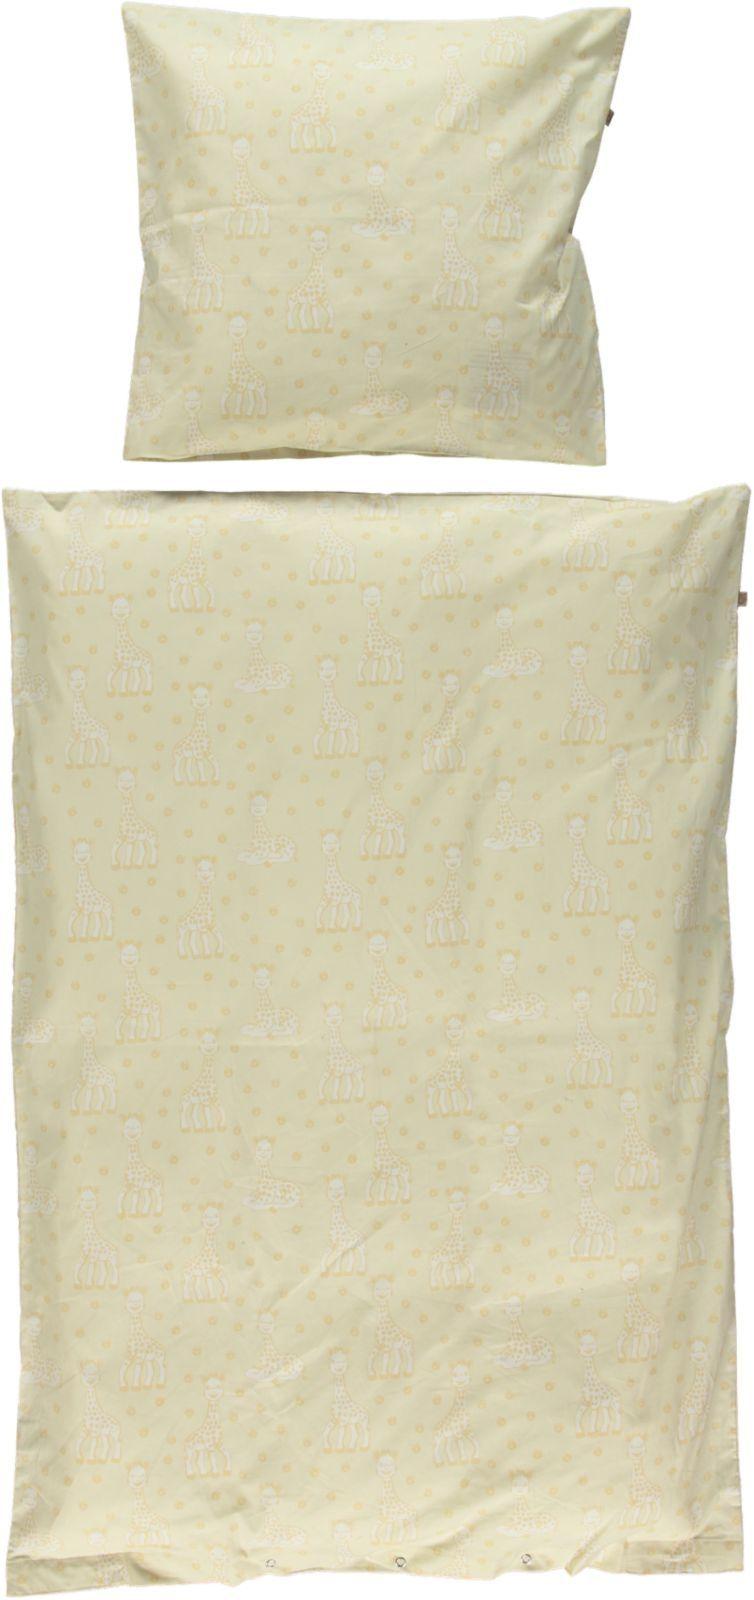 Sengetøj fra Småfolk og Sophie Giraf - Økologisk - Frozen Dew